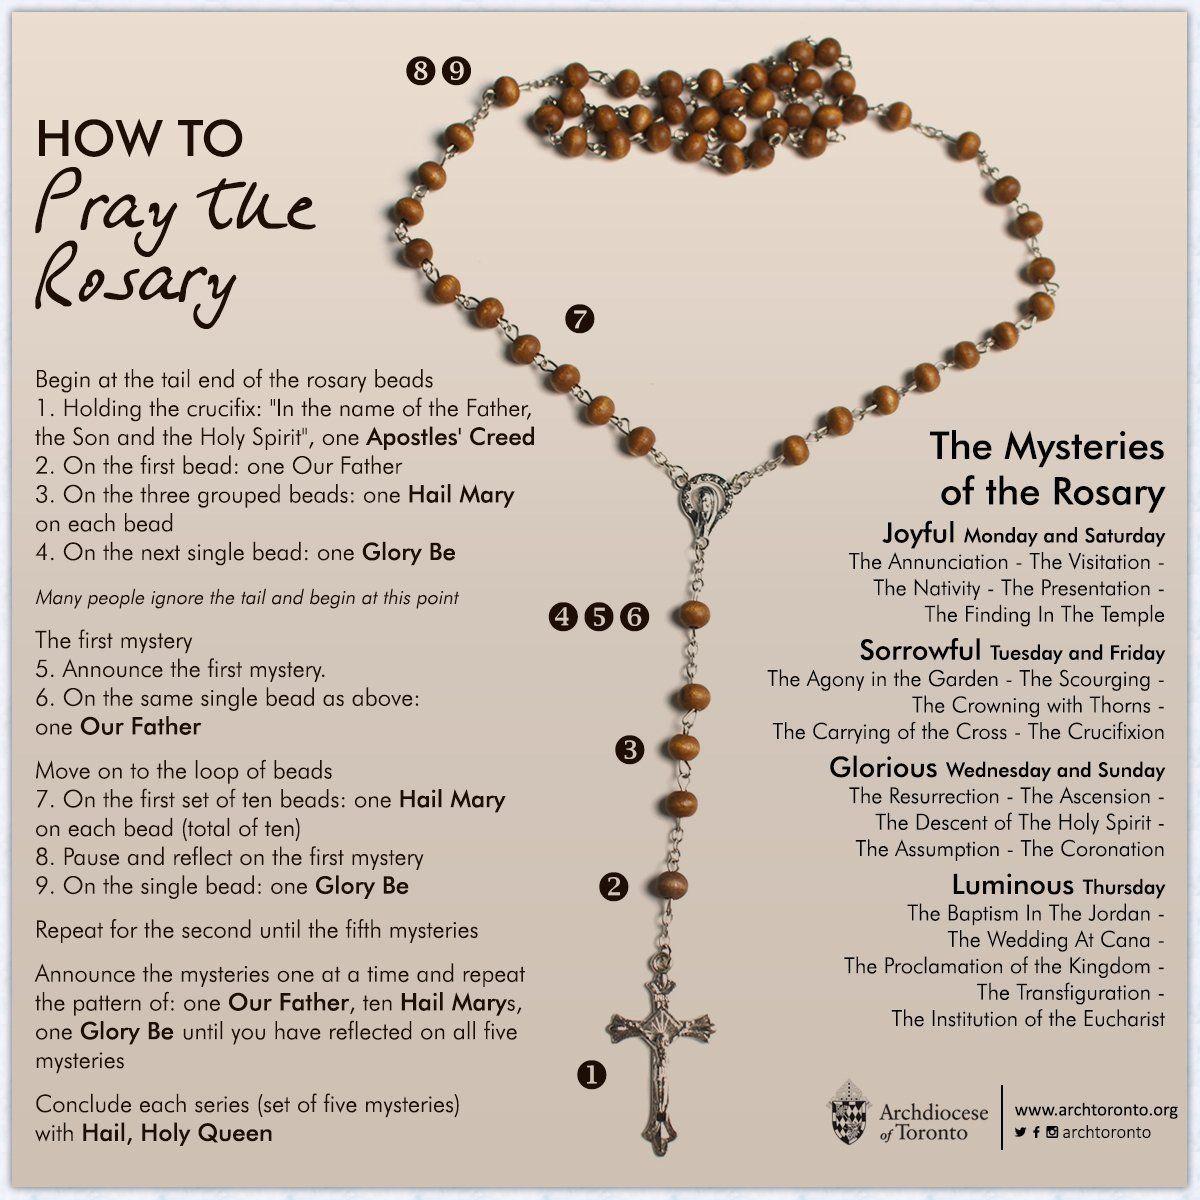 Twitter Rosary, Praying the rosary, Catholic prayers